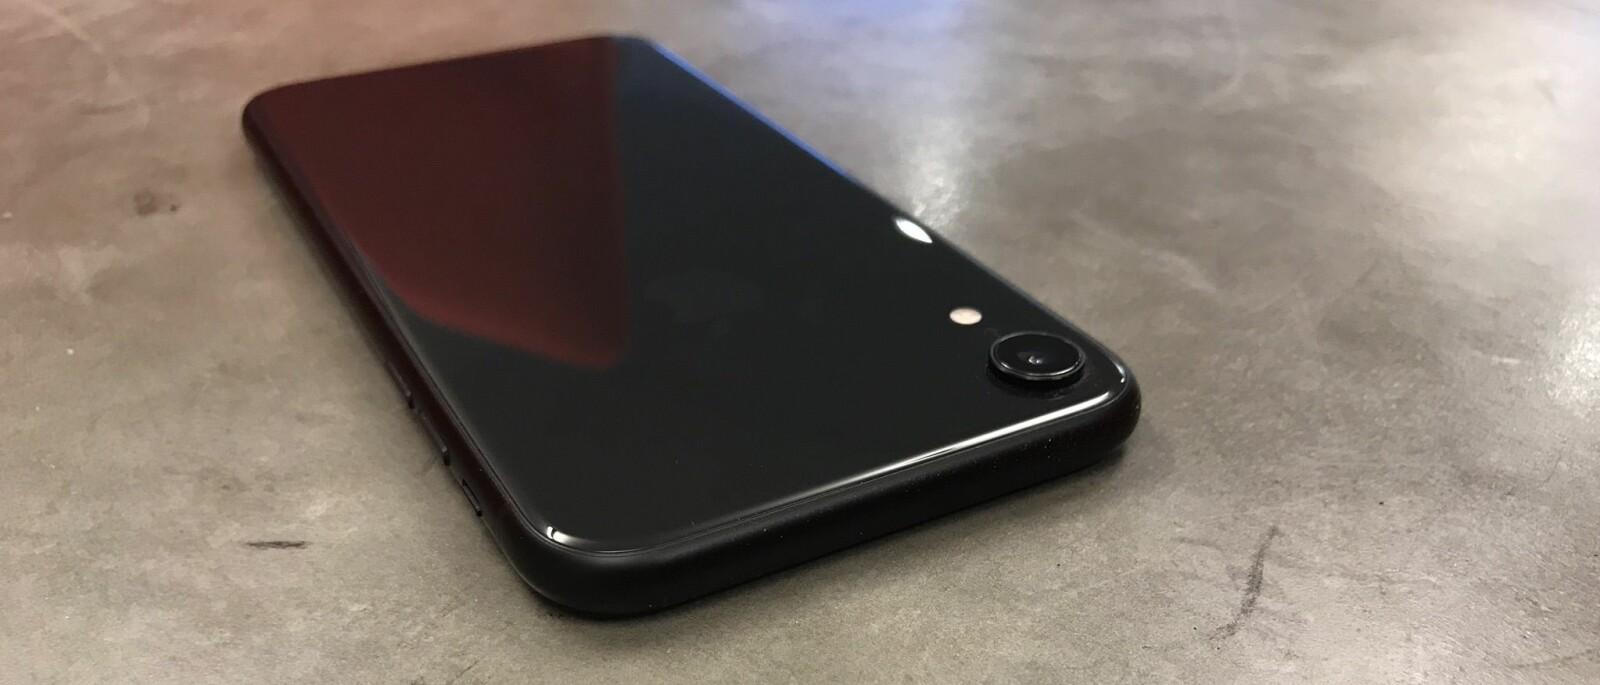 <b>IPHONE XR:</b> iPhone XR ligger rundt tre tusenlapper under iPhone XS i pris, men har både større skjerm, bedre batteritid og tar bedre portrettbilder i mørket.